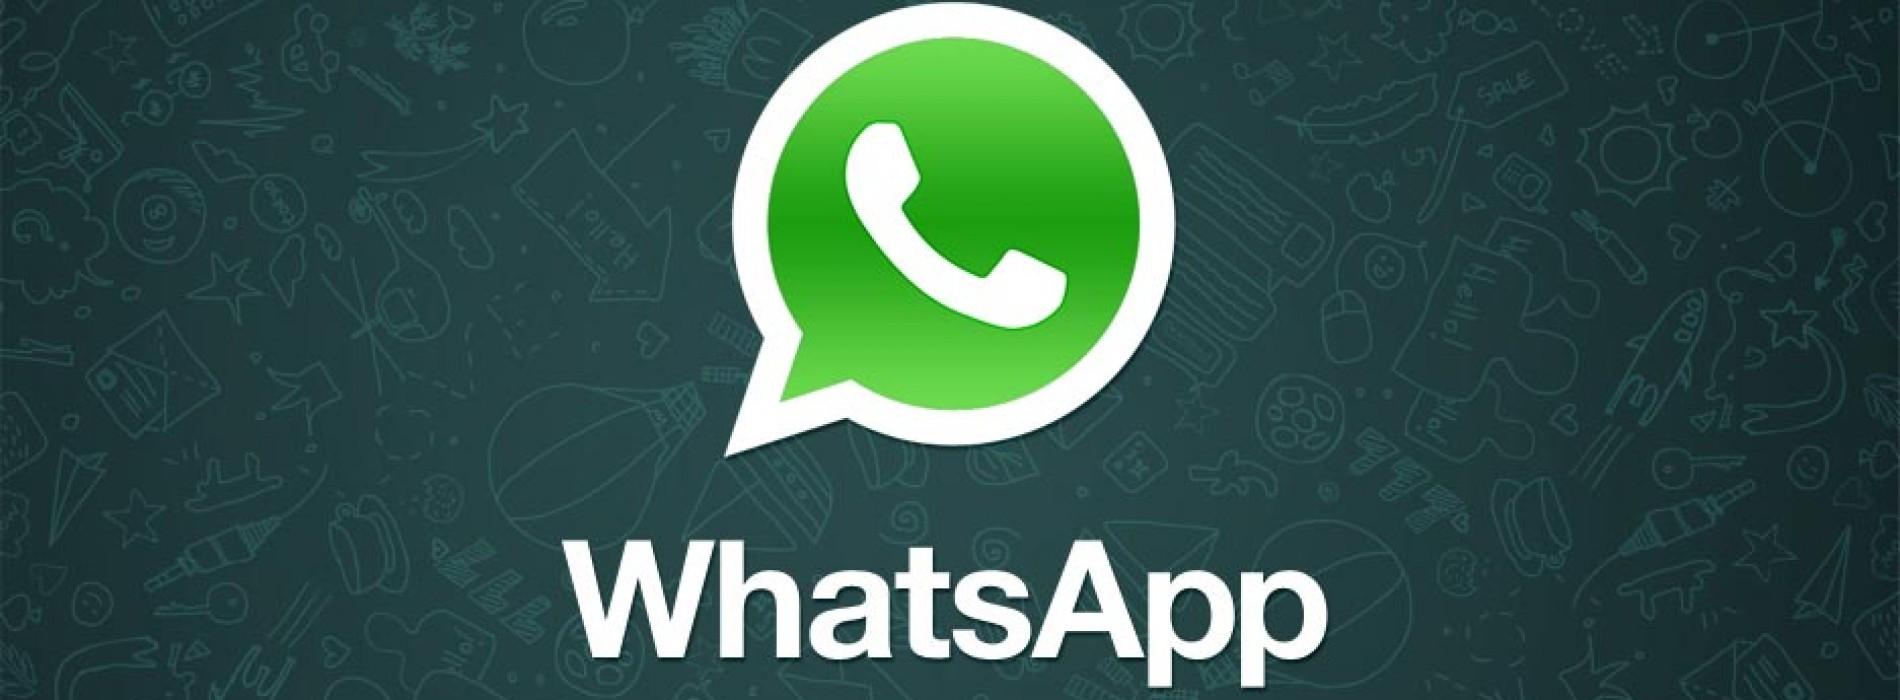 Jak skutecznie komunikować się z klientami? Co lepsze, stary dobry e-mail czy może WhatsApp